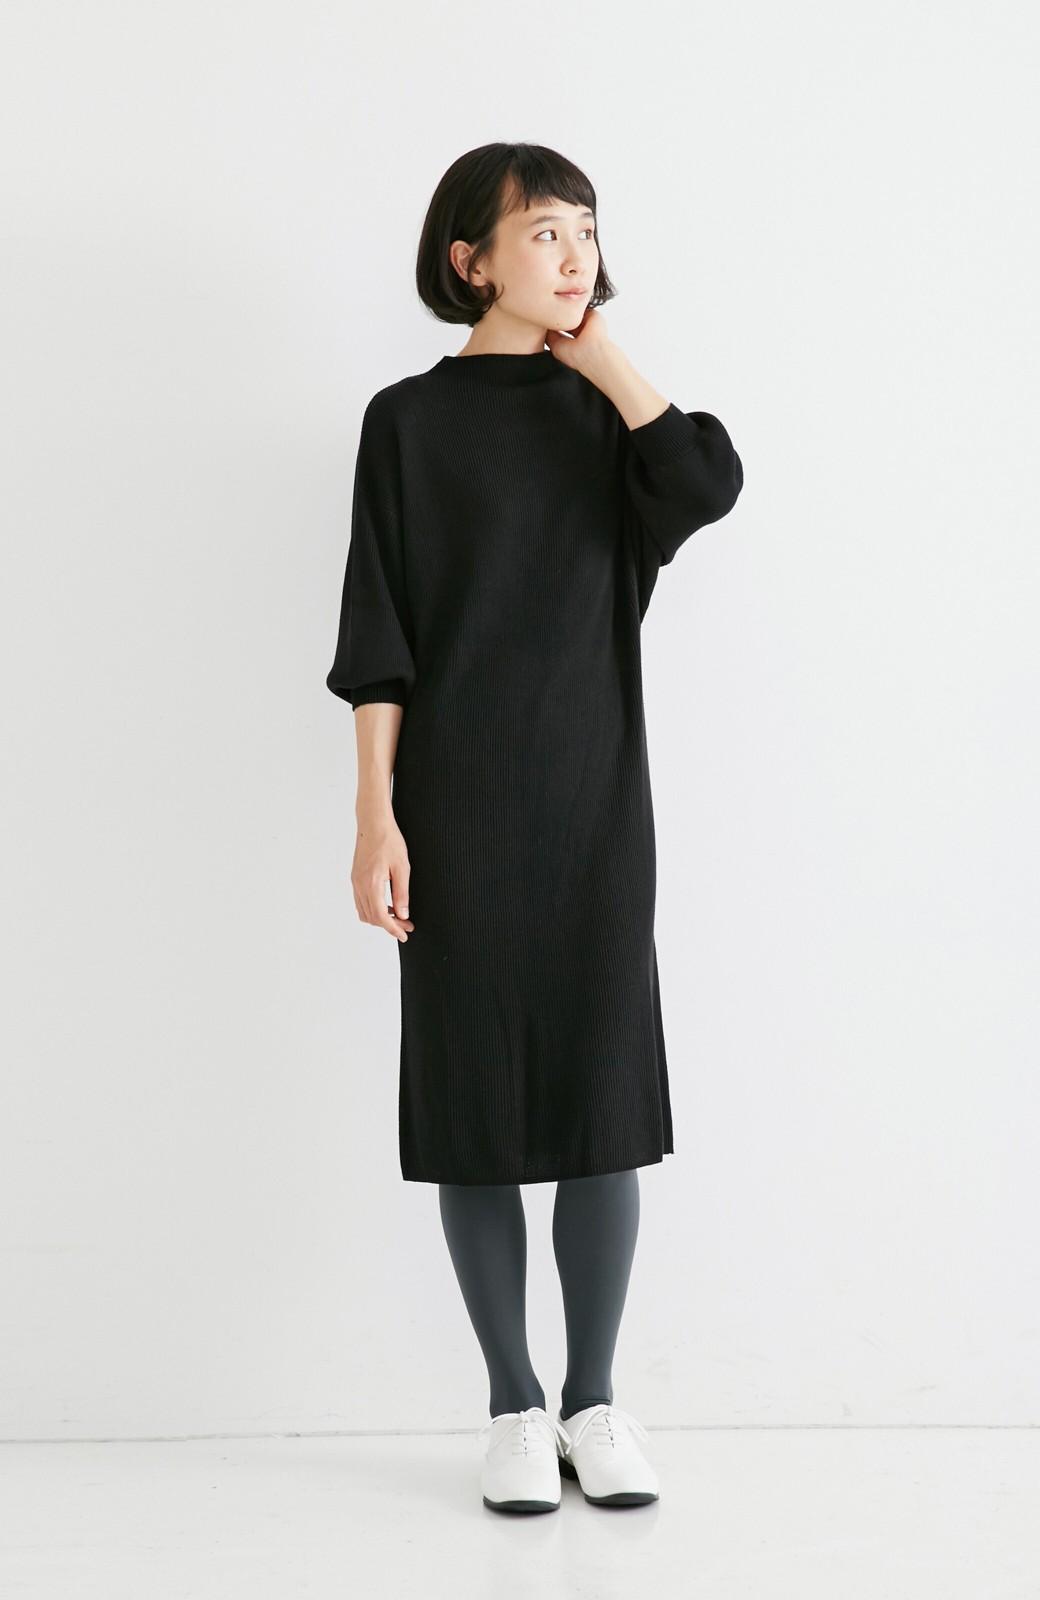 エムトロワ 吸湿発熱素材の袖ぷっくりリブニットワンピース <ブラック>の商品写真1